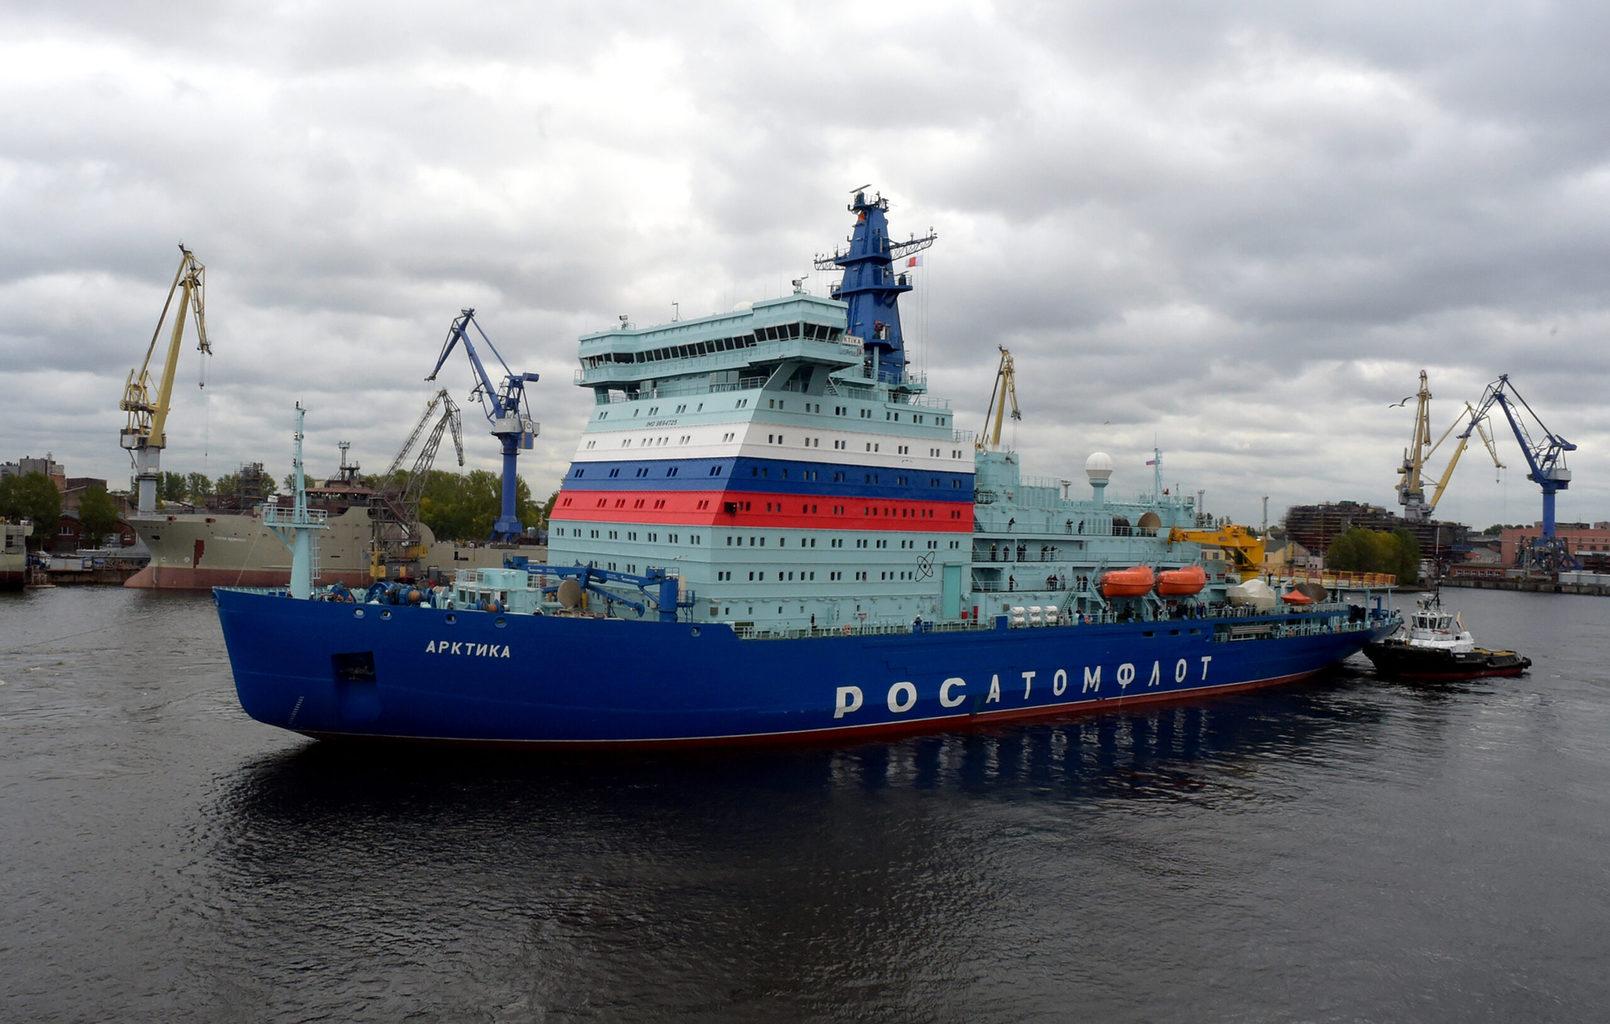 Az Arktika atomjégtörő Szentpétervár kikötőjében 2020. szeptember 22-én #moszkvater